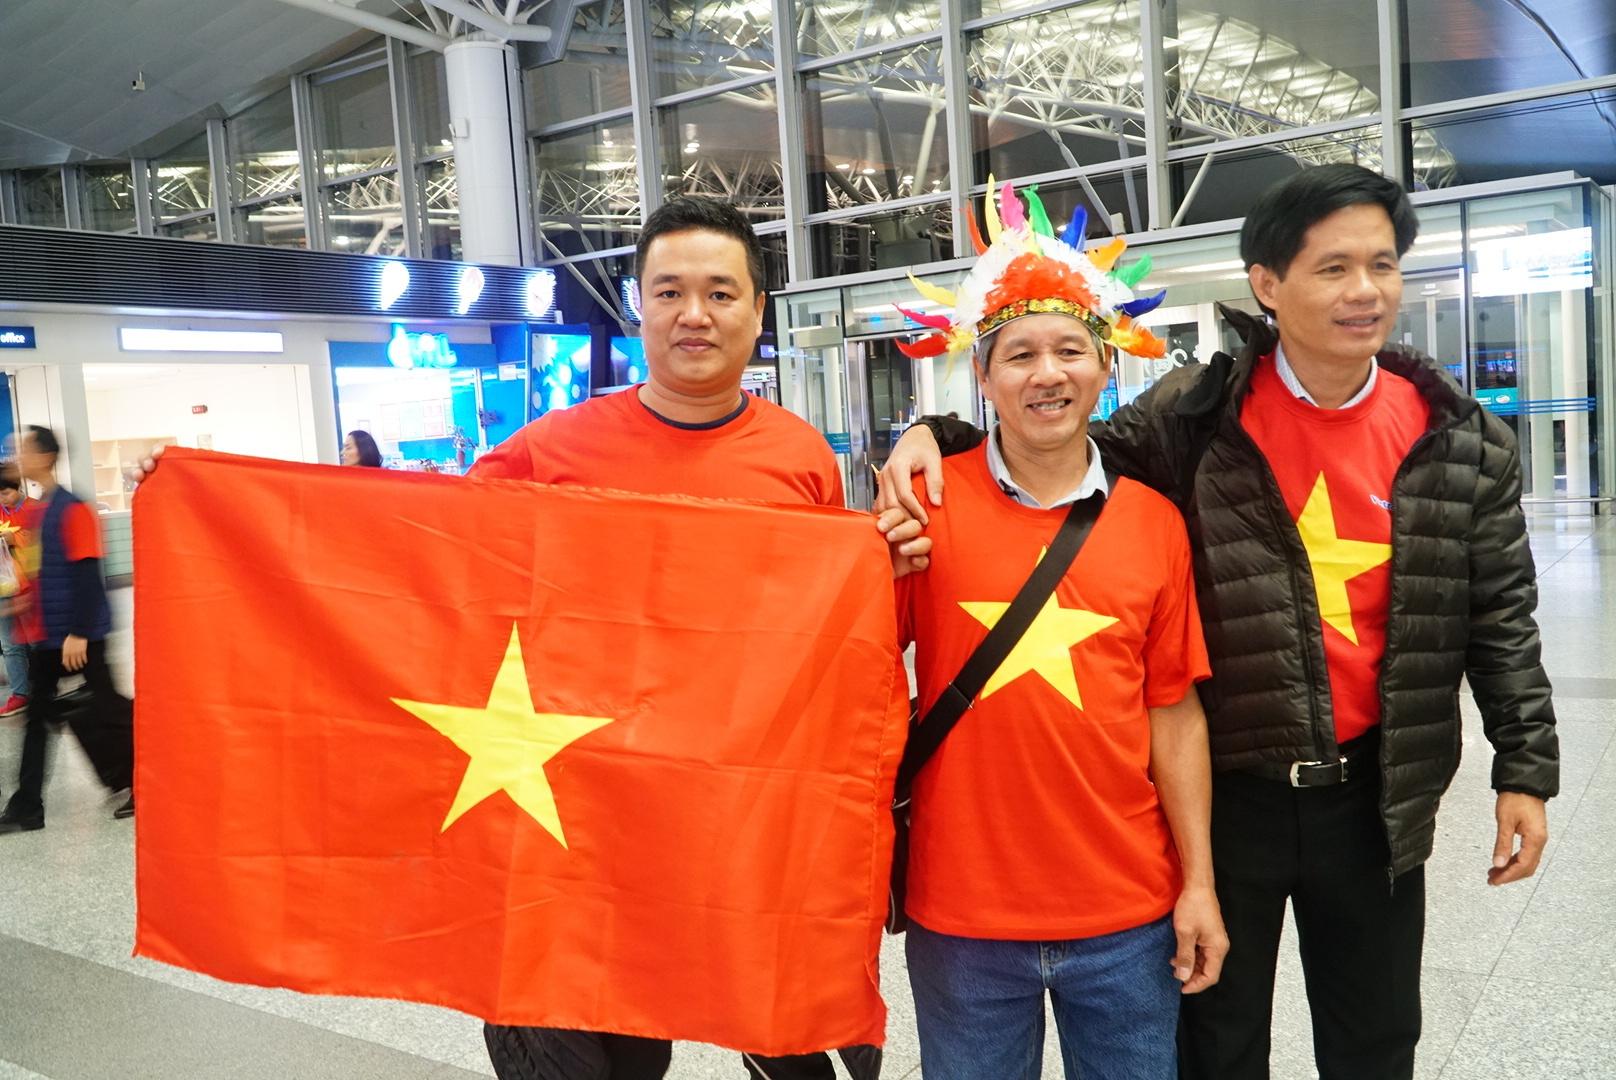 Loạt sao Việt diện áo đỏ sao vàng hứng khởi lên đường cổ vũ đội tuyển Việt Nam - Ảnh 4